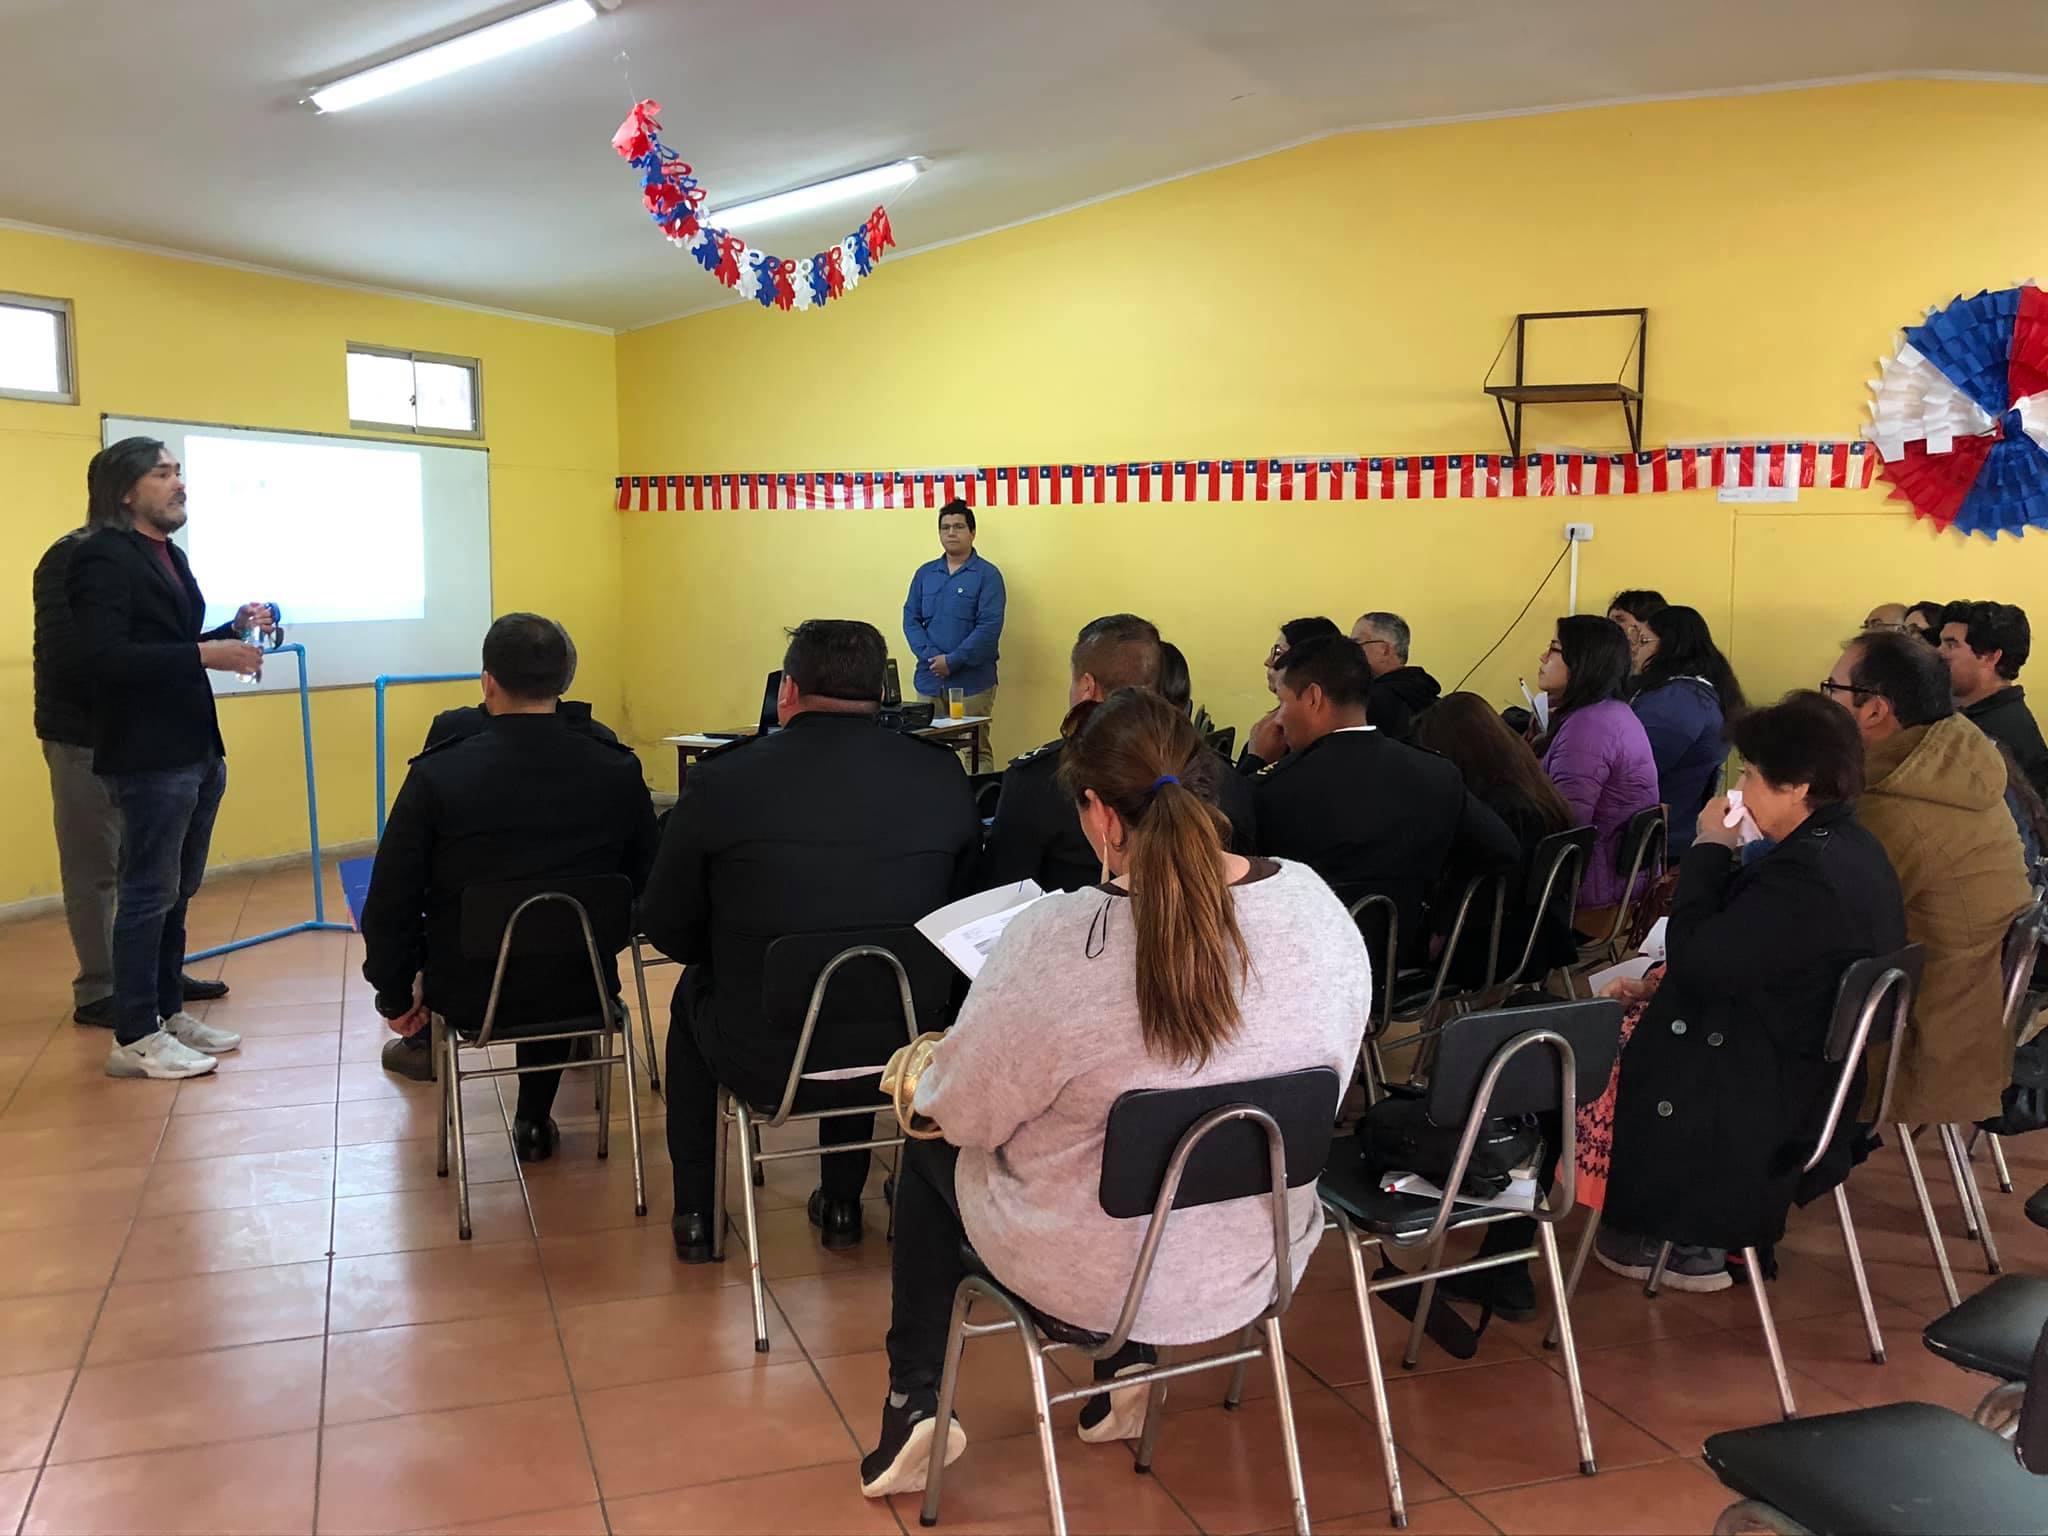 Alcalde de Huasco valora aporte de vecinos en conformación de mesa social